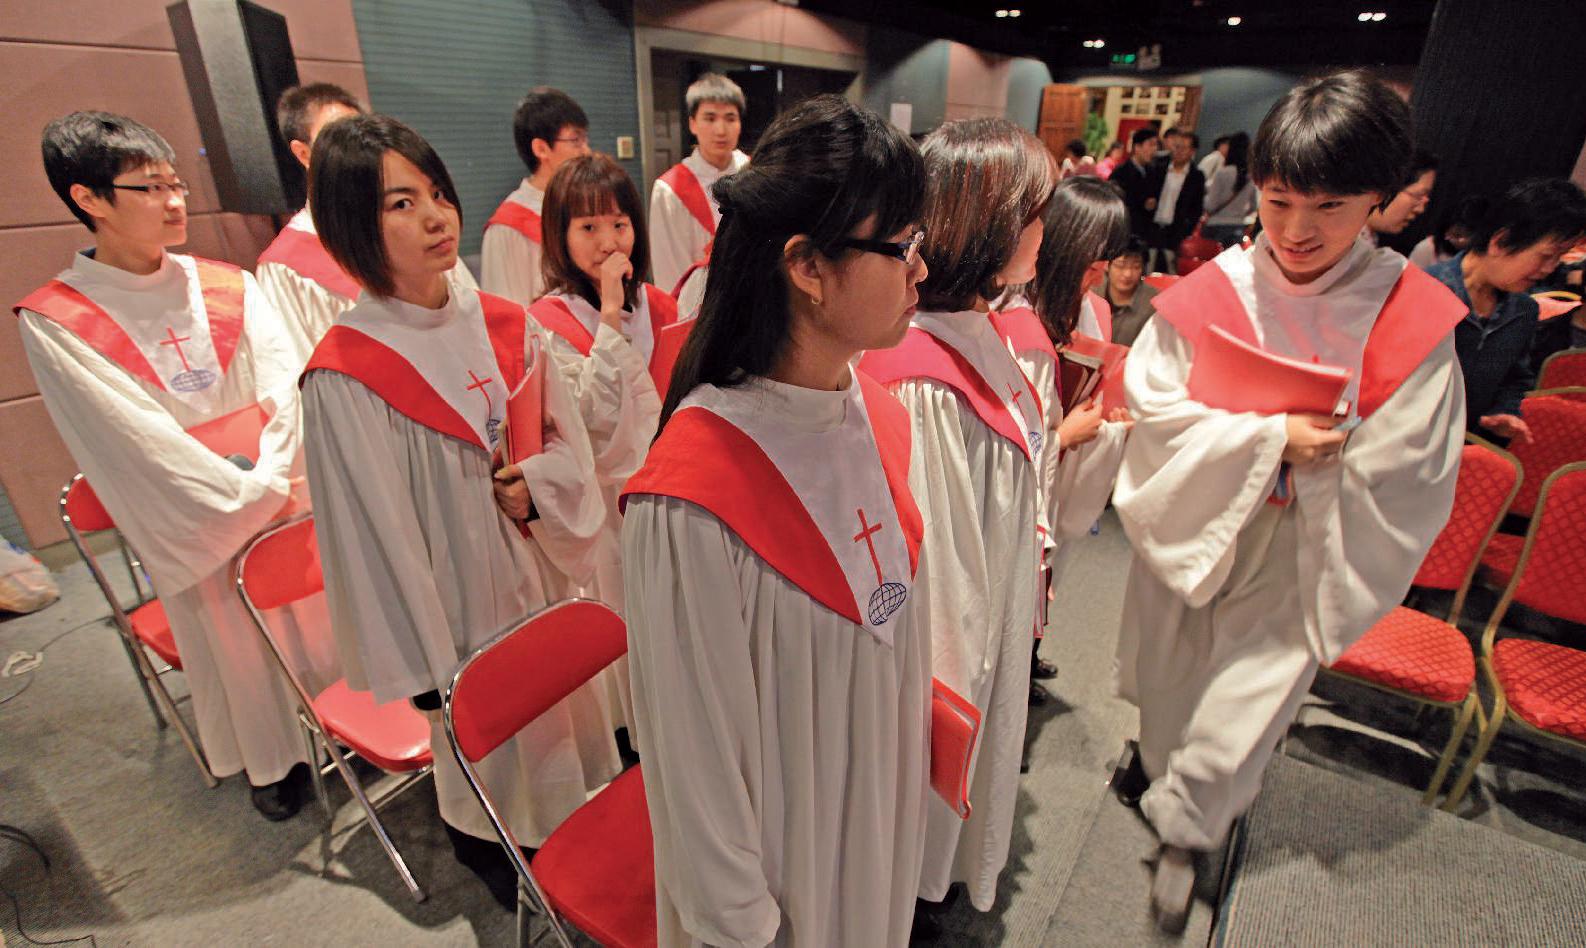 À Pékin, en octobre 2010. Des membres de Shouwang attendent le début de l'office du dimanche